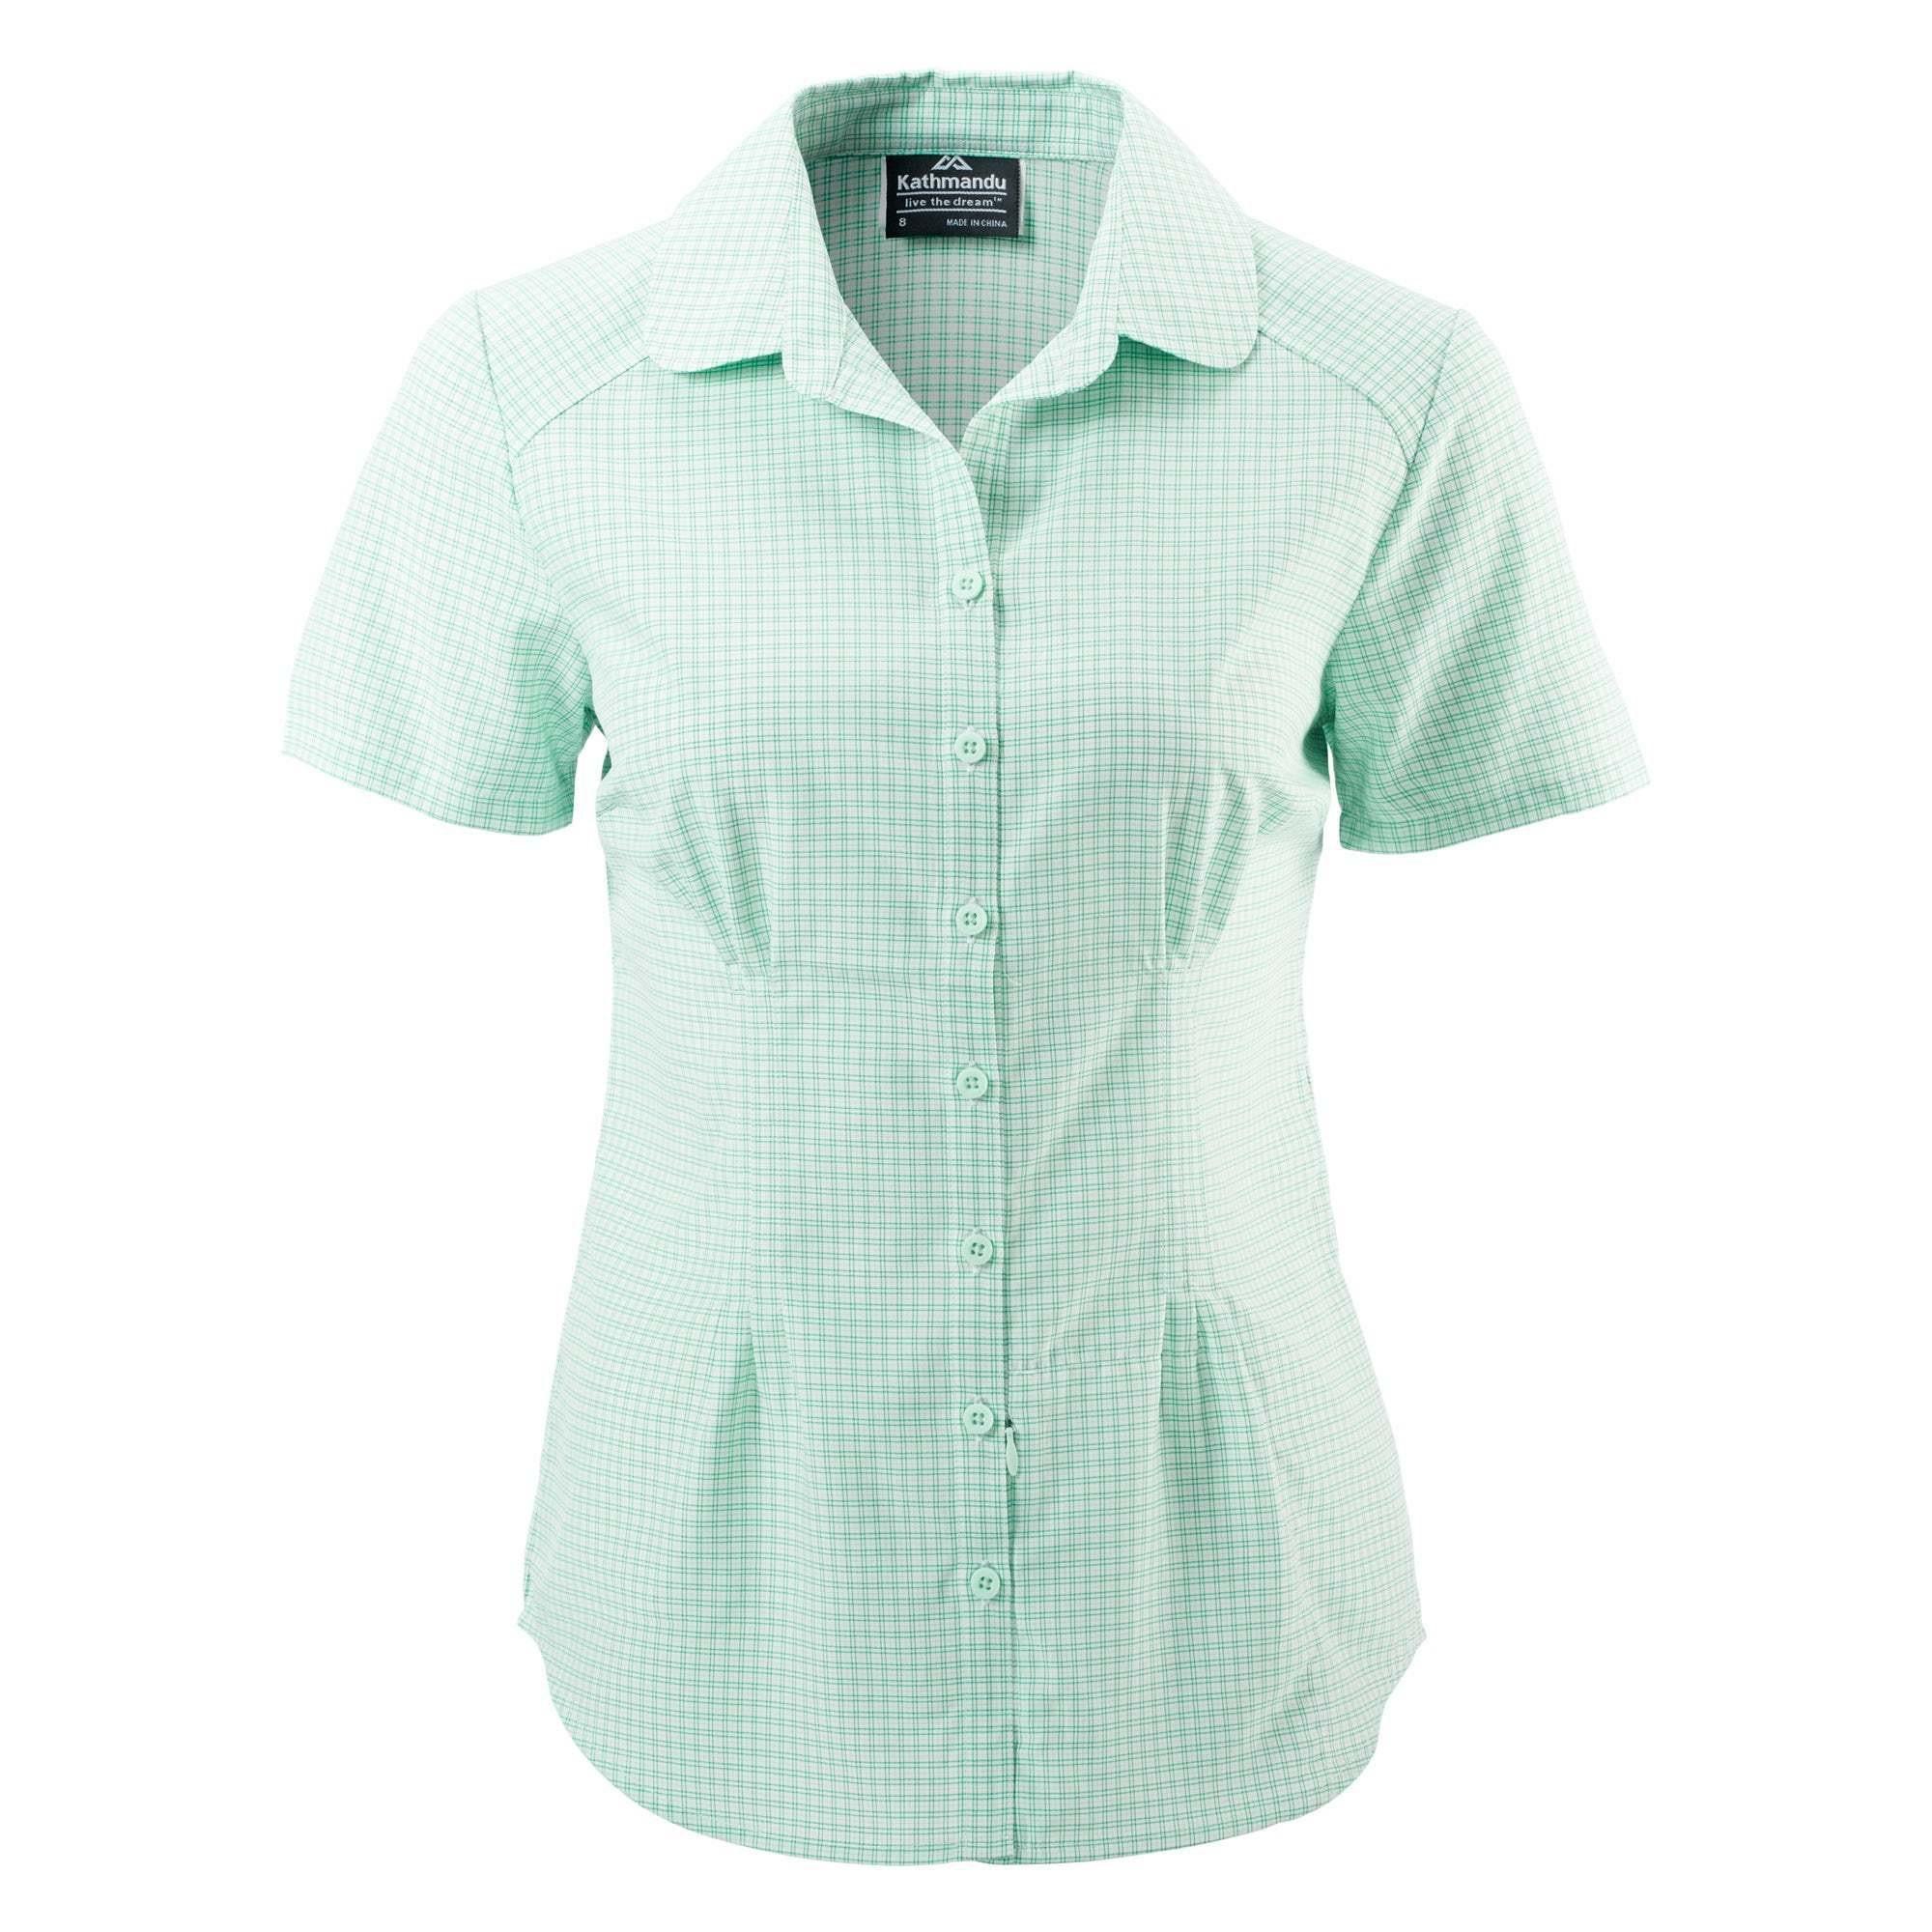 Suche Nach FlüGen Wir Werden Rock Sie Frauen T Shirt Sommer Stil Königin Rock Band T-shirt Kurzarm Baumwolle Rock Roll Frauen Tops Ot-364 Gepäck & Taschen